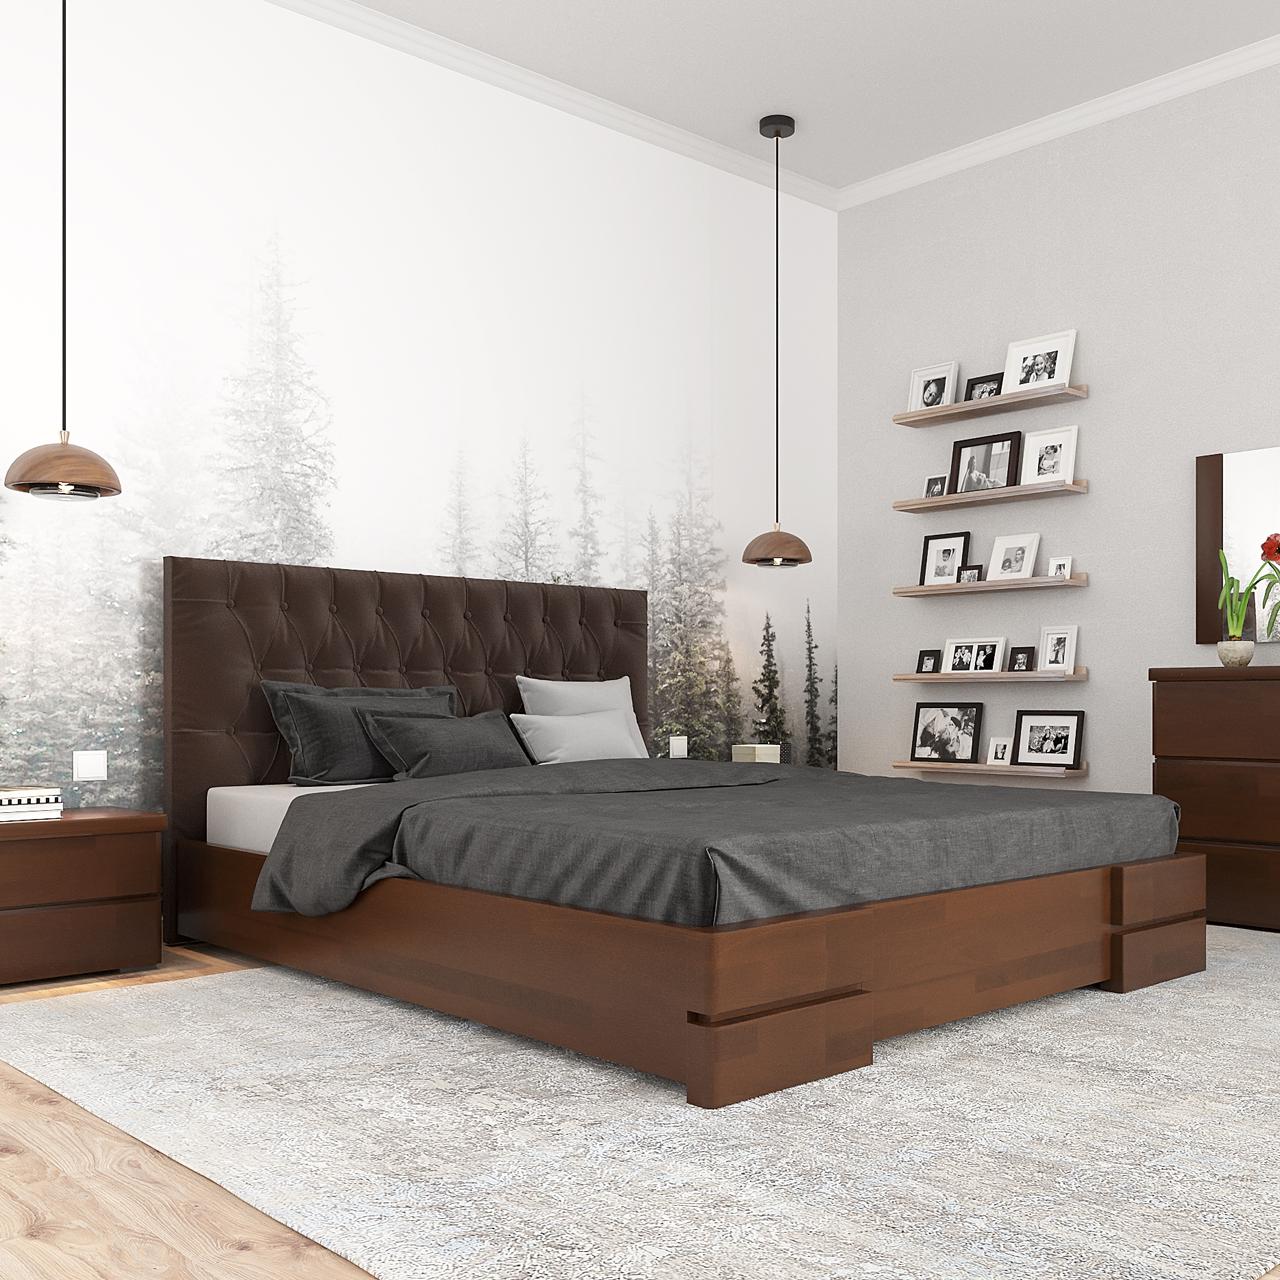 Кровать деревянная двуспальная Камелия с подъемным механизмом